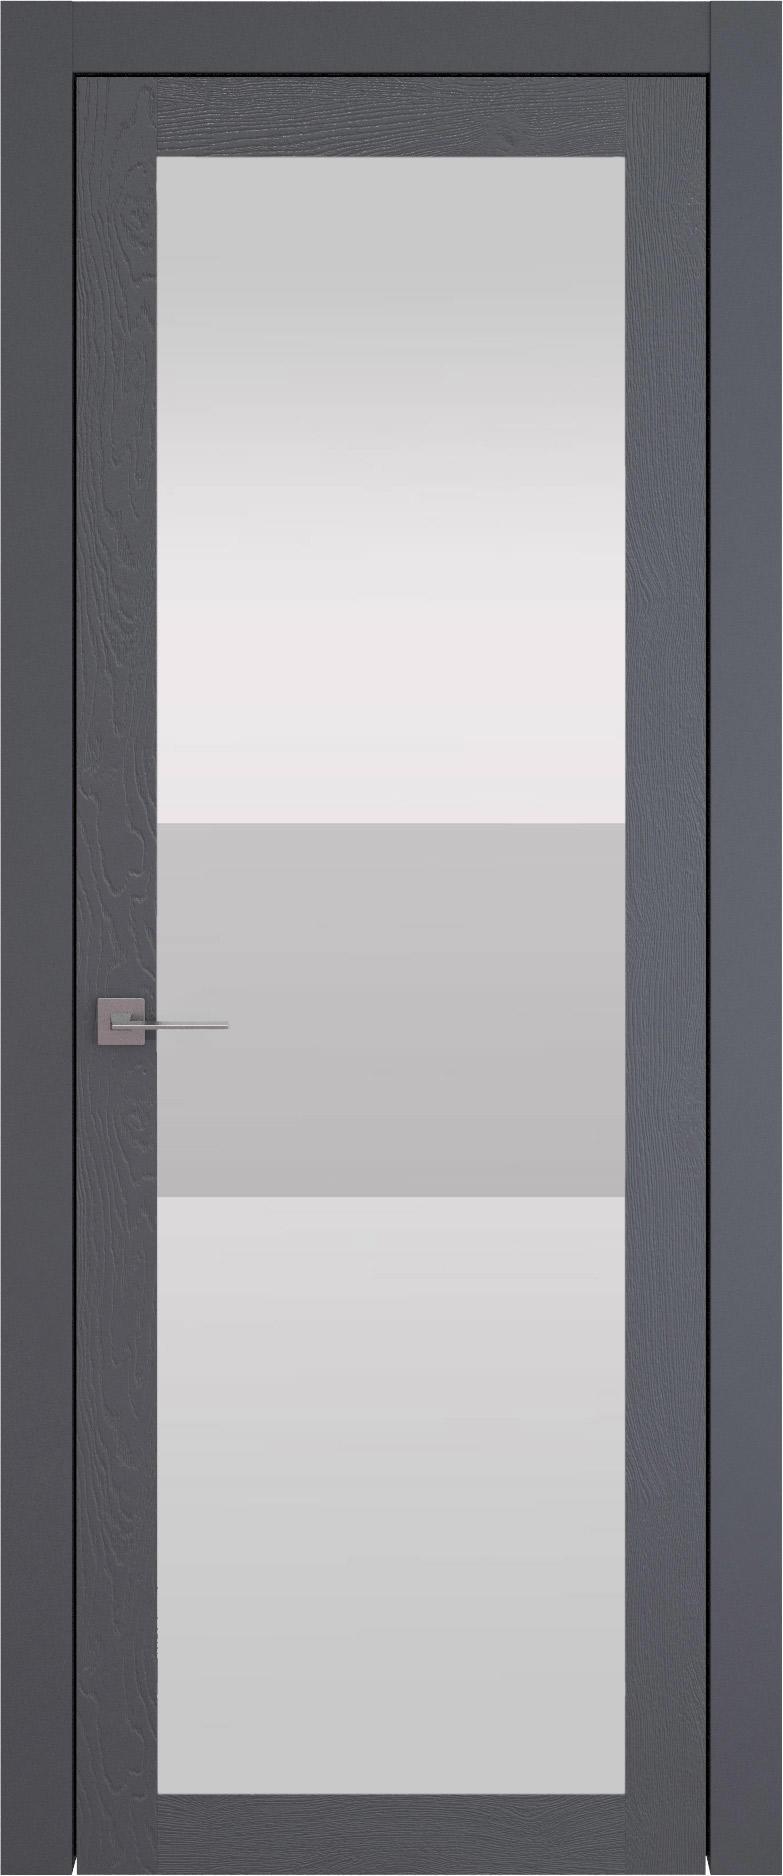 Tivoli З-4 цвет - Графитово-серая эмаль по шпону (RAL 7024) Со стеклом (ДО)